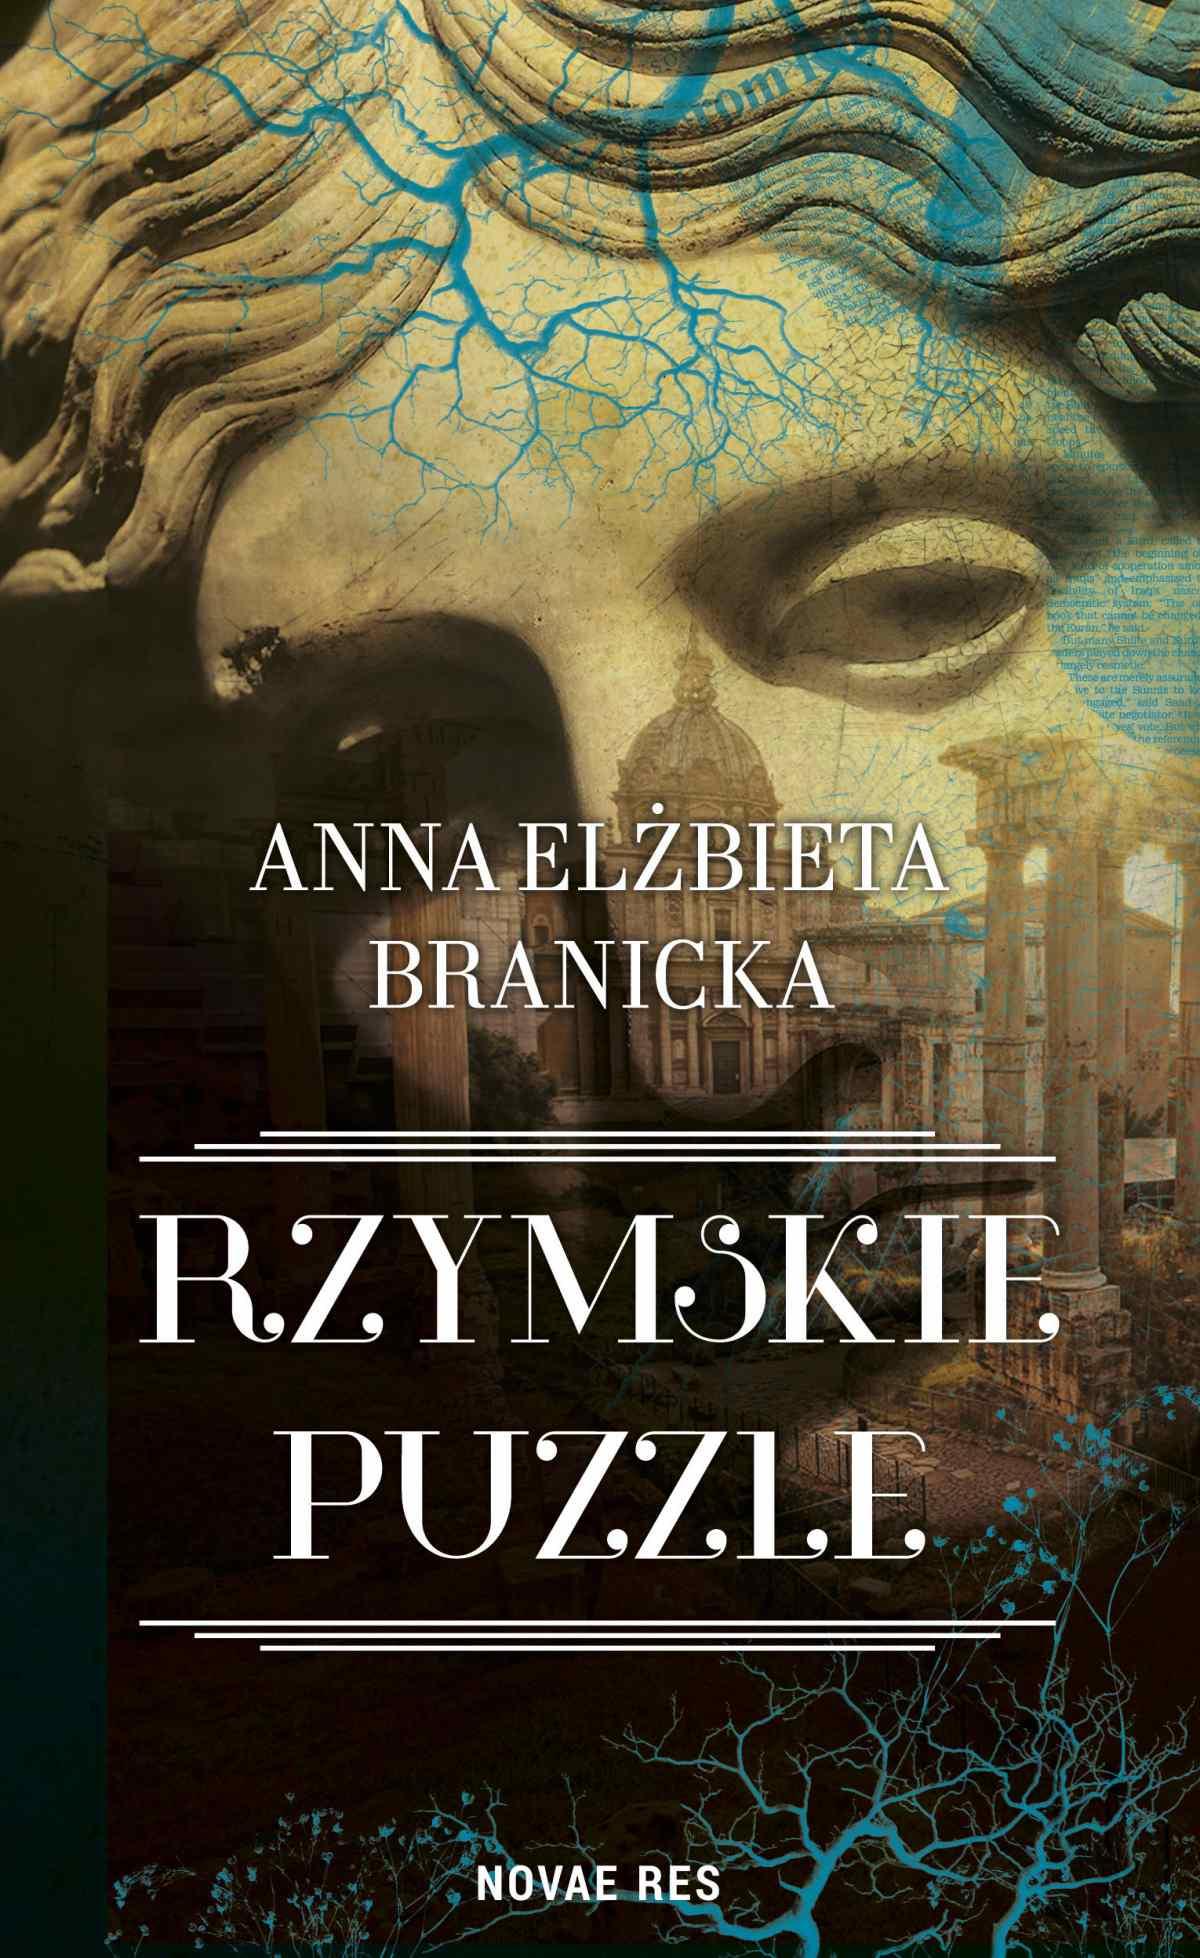 Rzymskie puzzle - Ebook (Książka EPUB) do pobrania w formacie EPUB